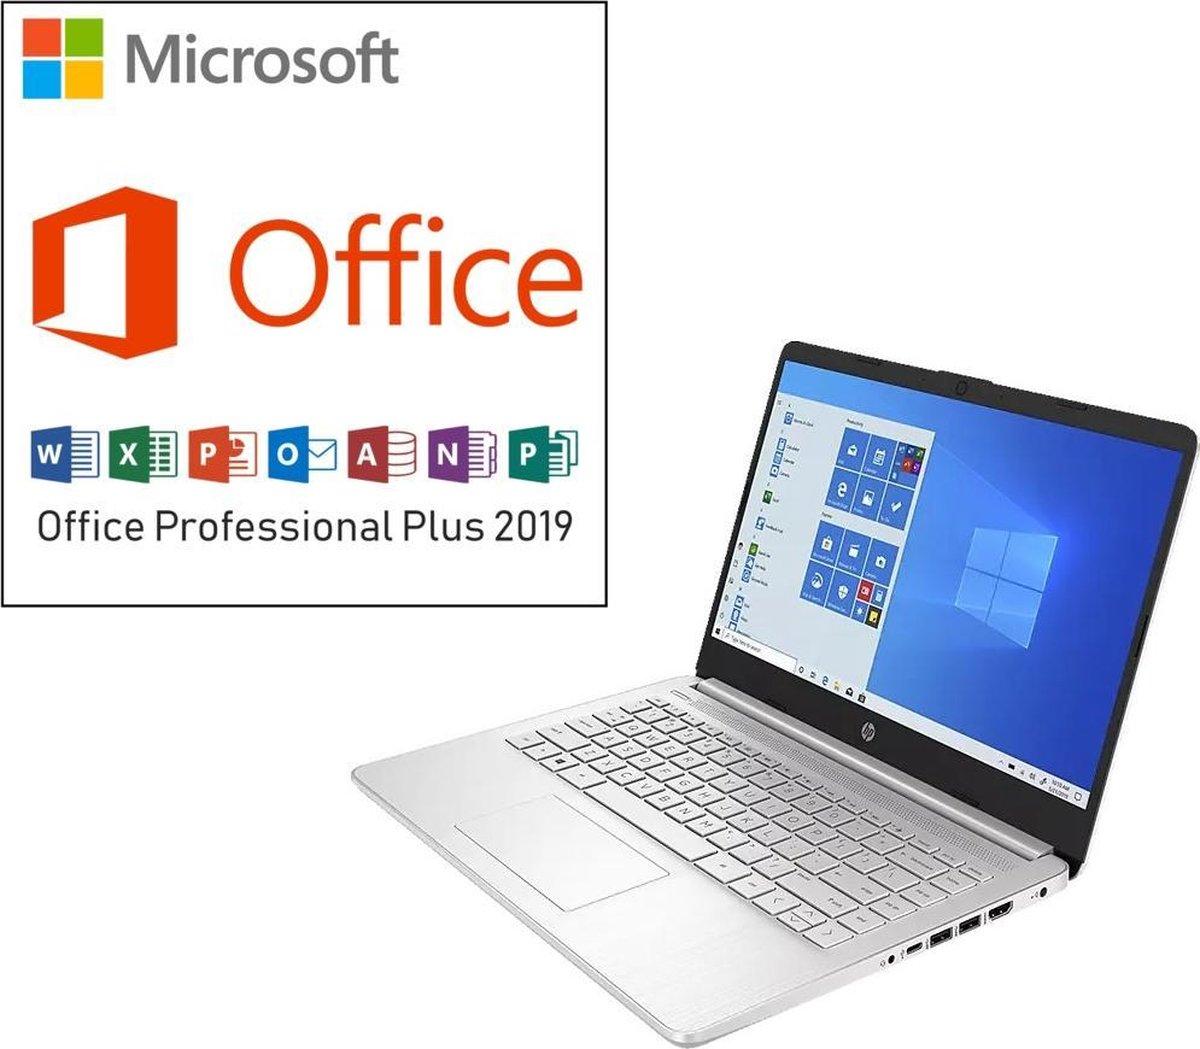 HP 14 inch Laptop - AMD Ryzen 3 - Zilver - 4GB RAM - 128GB SSD - Tijdelijke actie: €549,99 >> €499,99 & incl. Office Professional! (verloopt niet, geen abonnement)